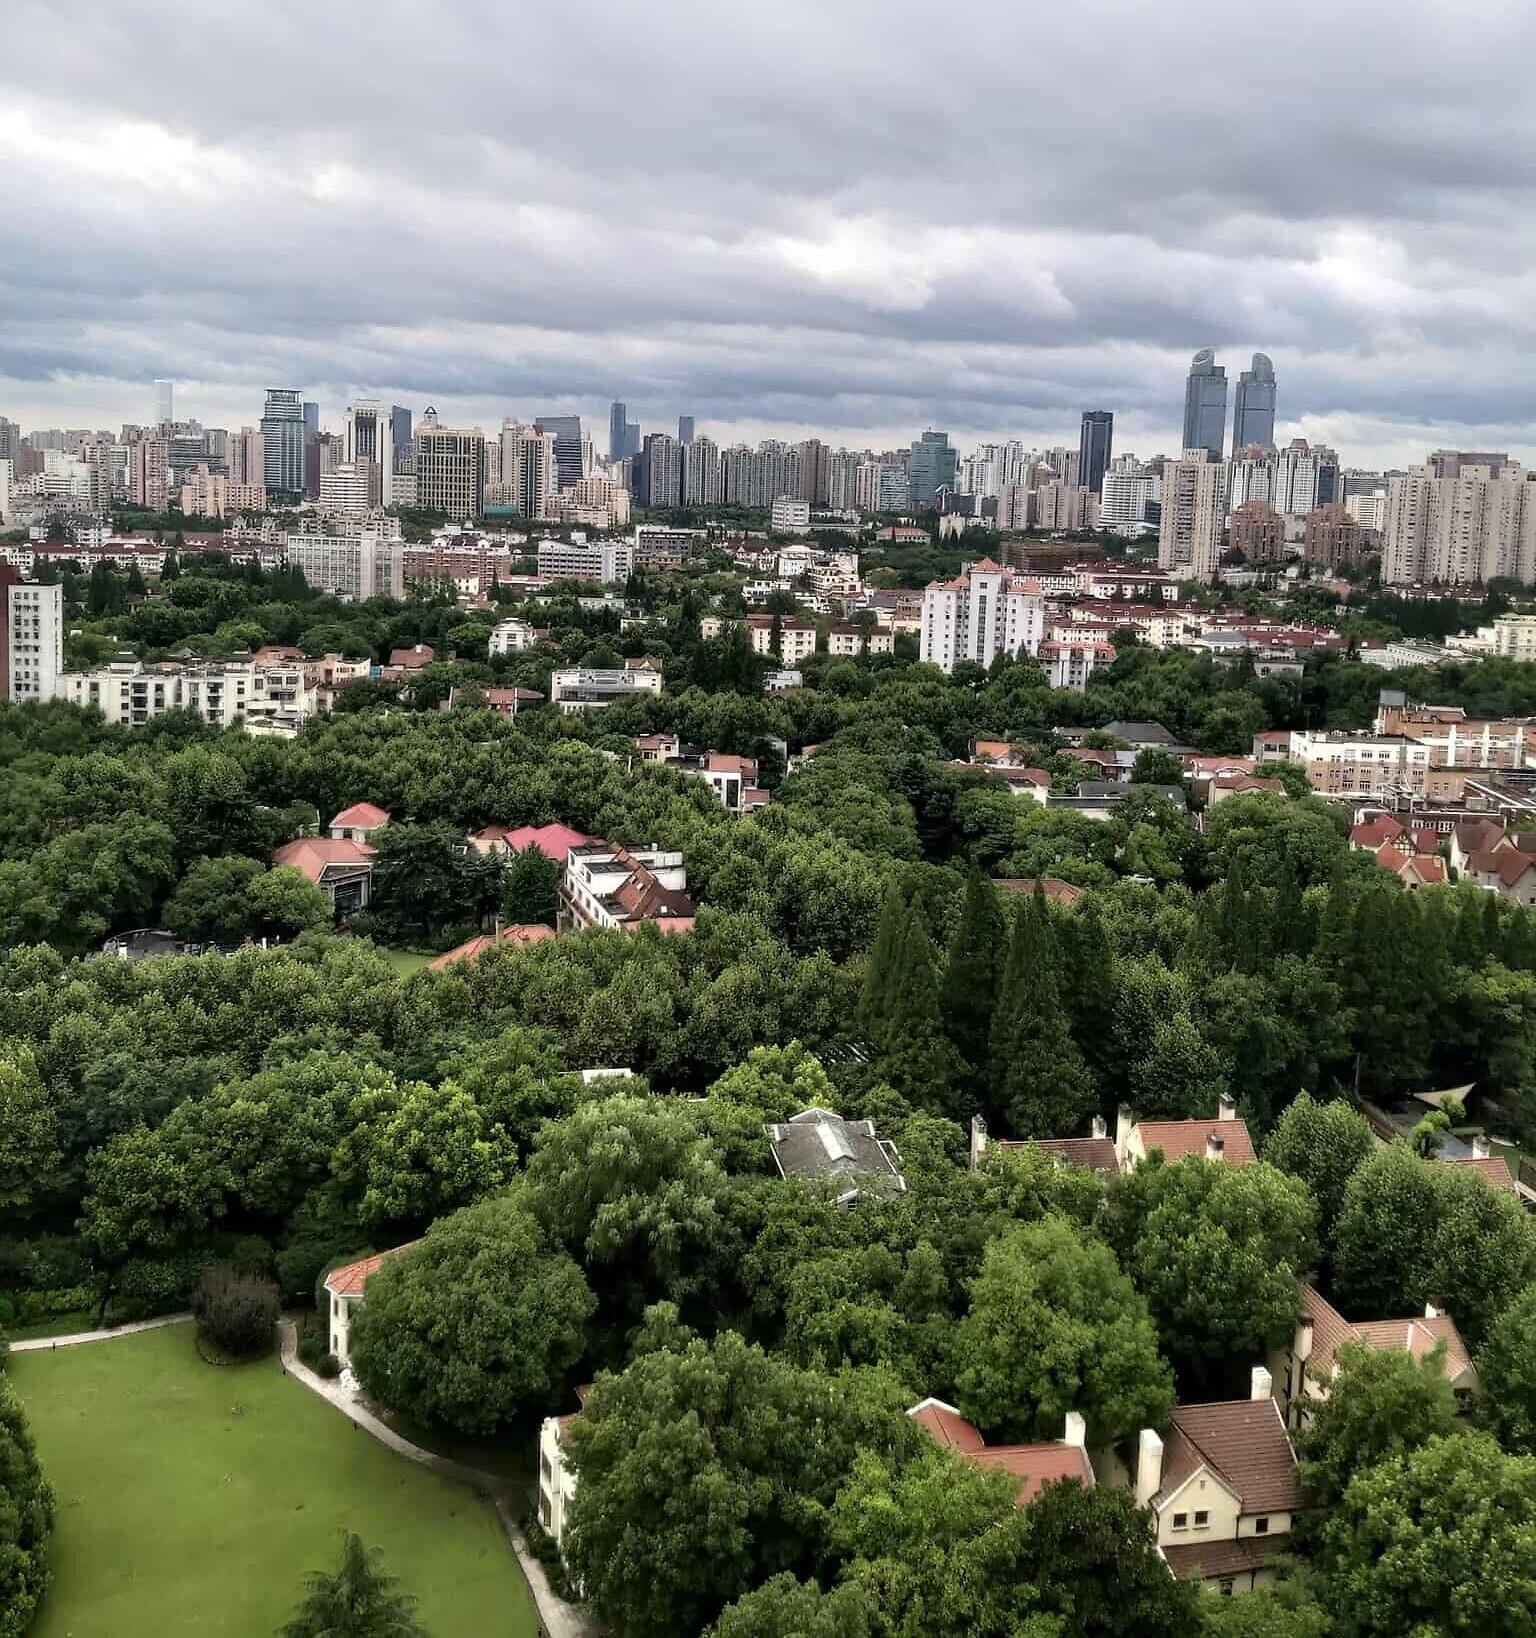 מבט על שנגחאי (צילום: יפעת פרופר)